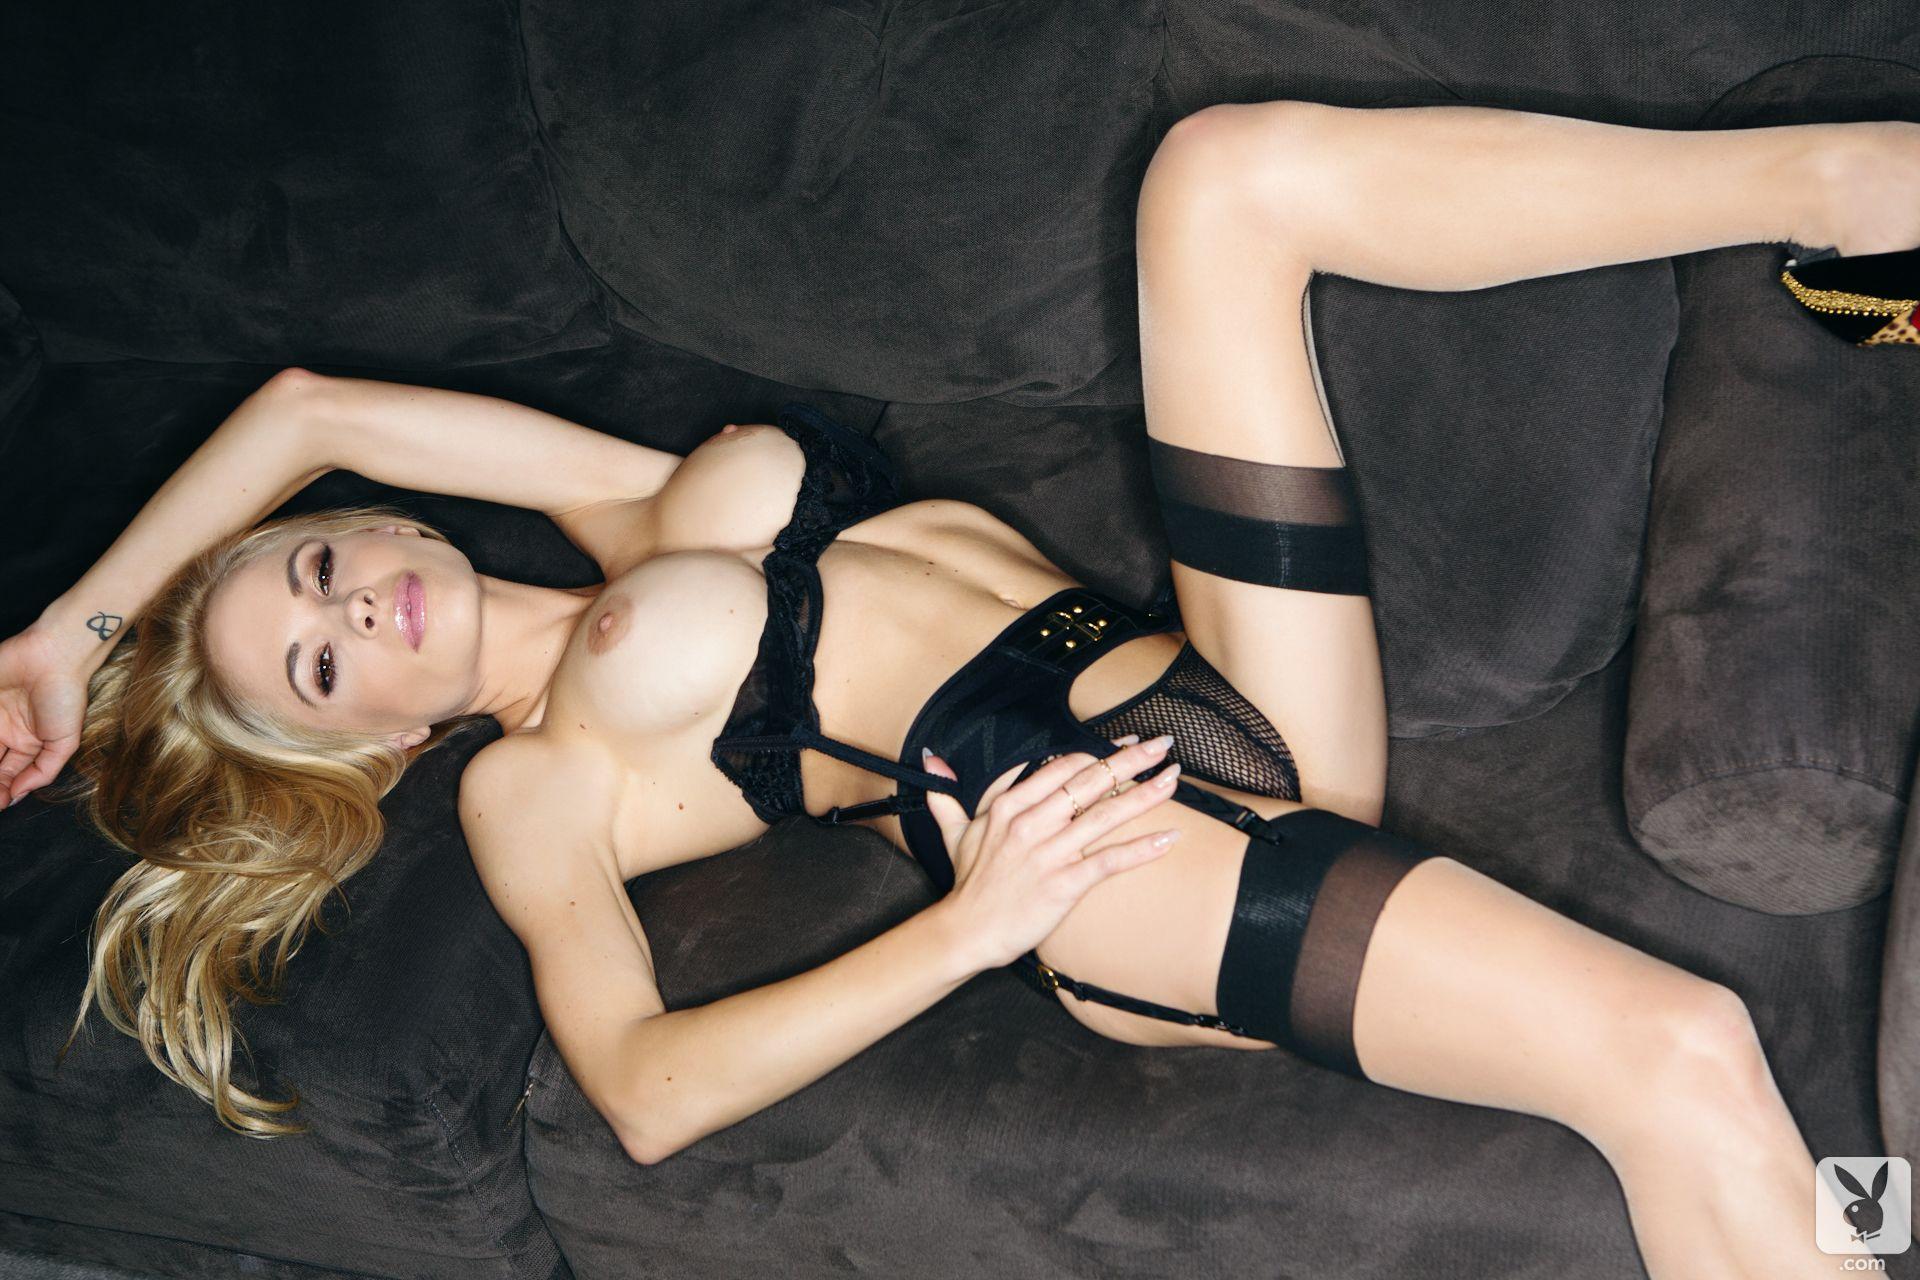 Nude Photos of Dani Mathers